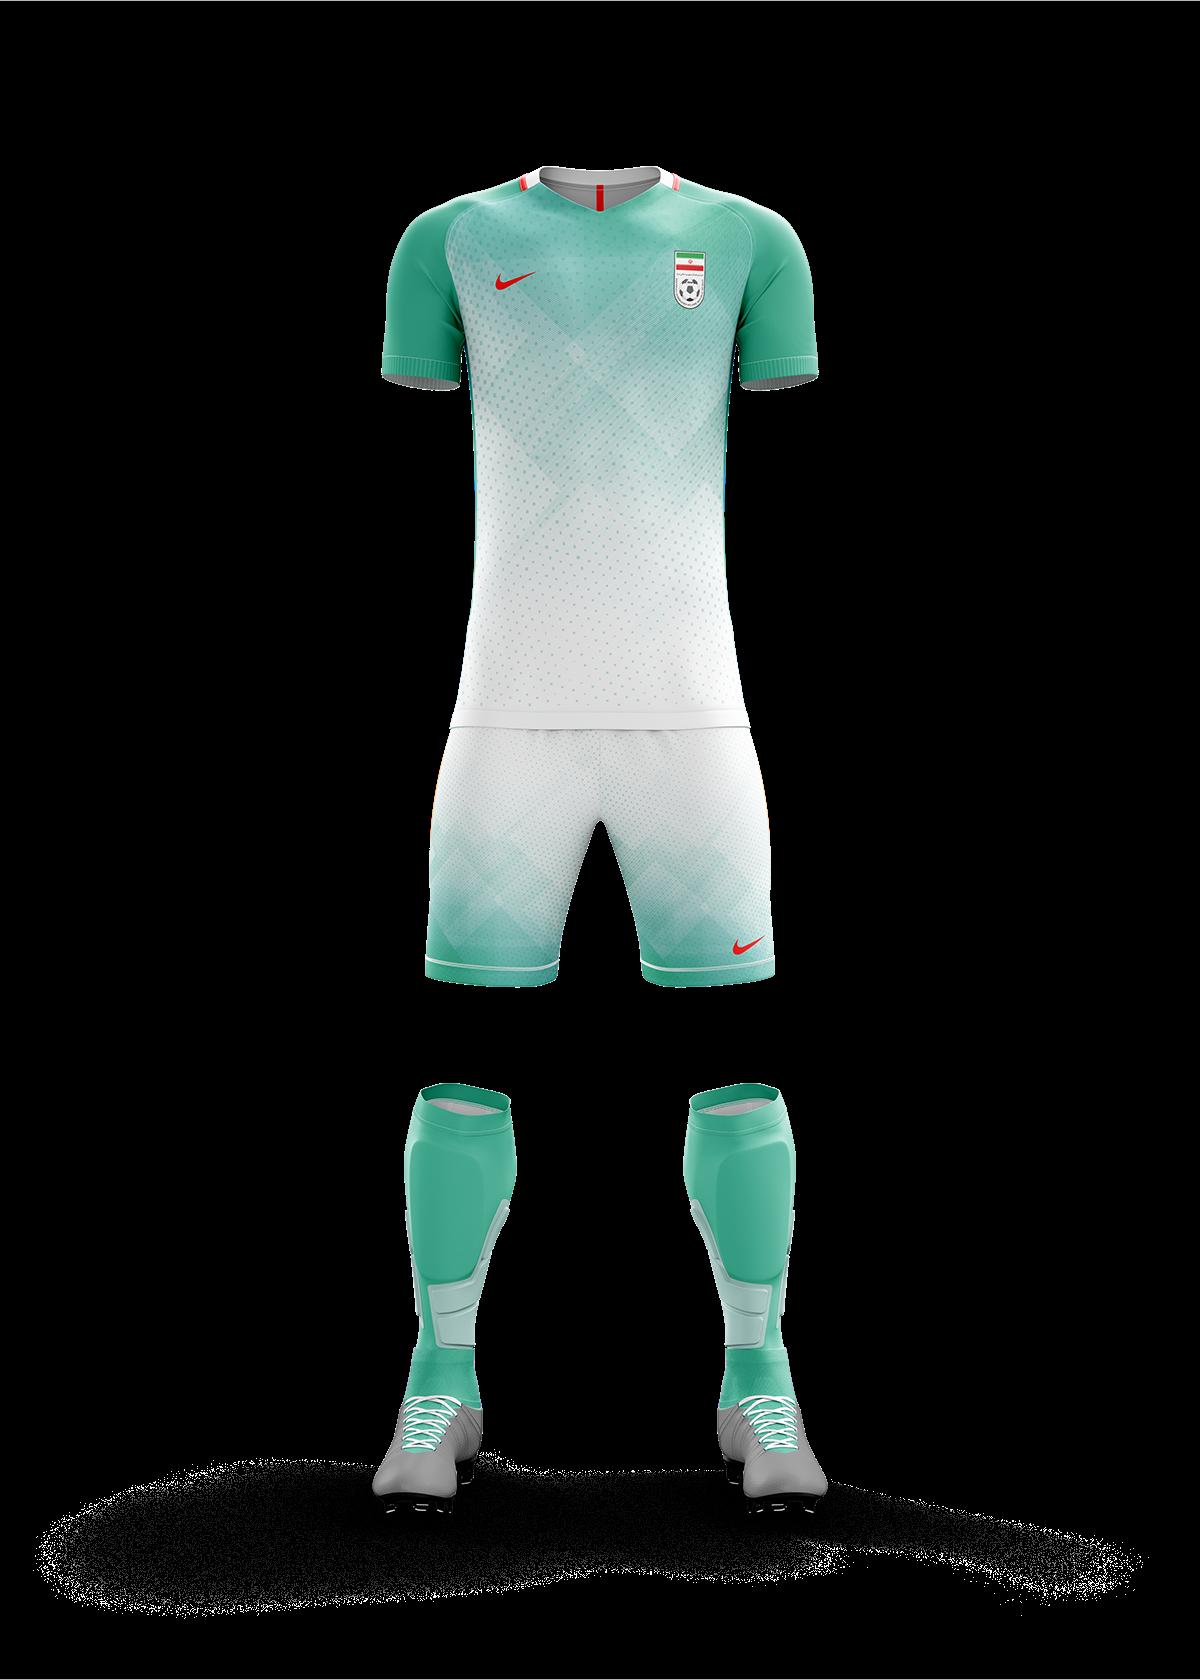 Pin De Gabriela Lucio En Personajes De Libros En 2020 Camisetas Deportivas Uniformes De Futbol Completos Uniformes Soccer